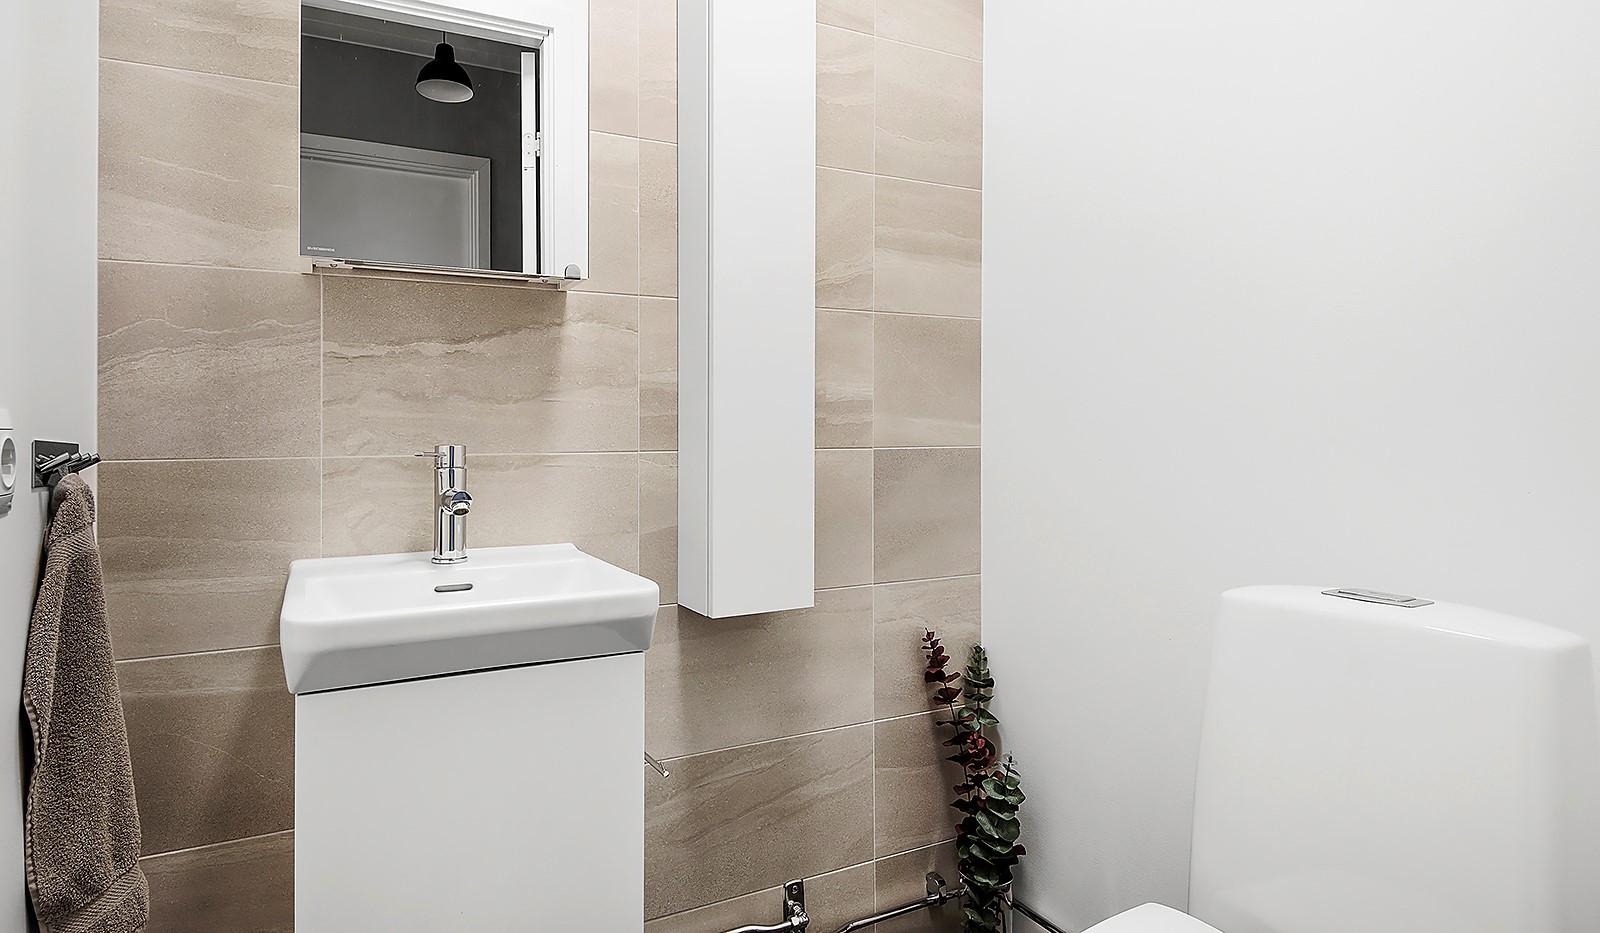 Oskarslundsbacken 1, 2tr - Snyggt helkaklat badrum